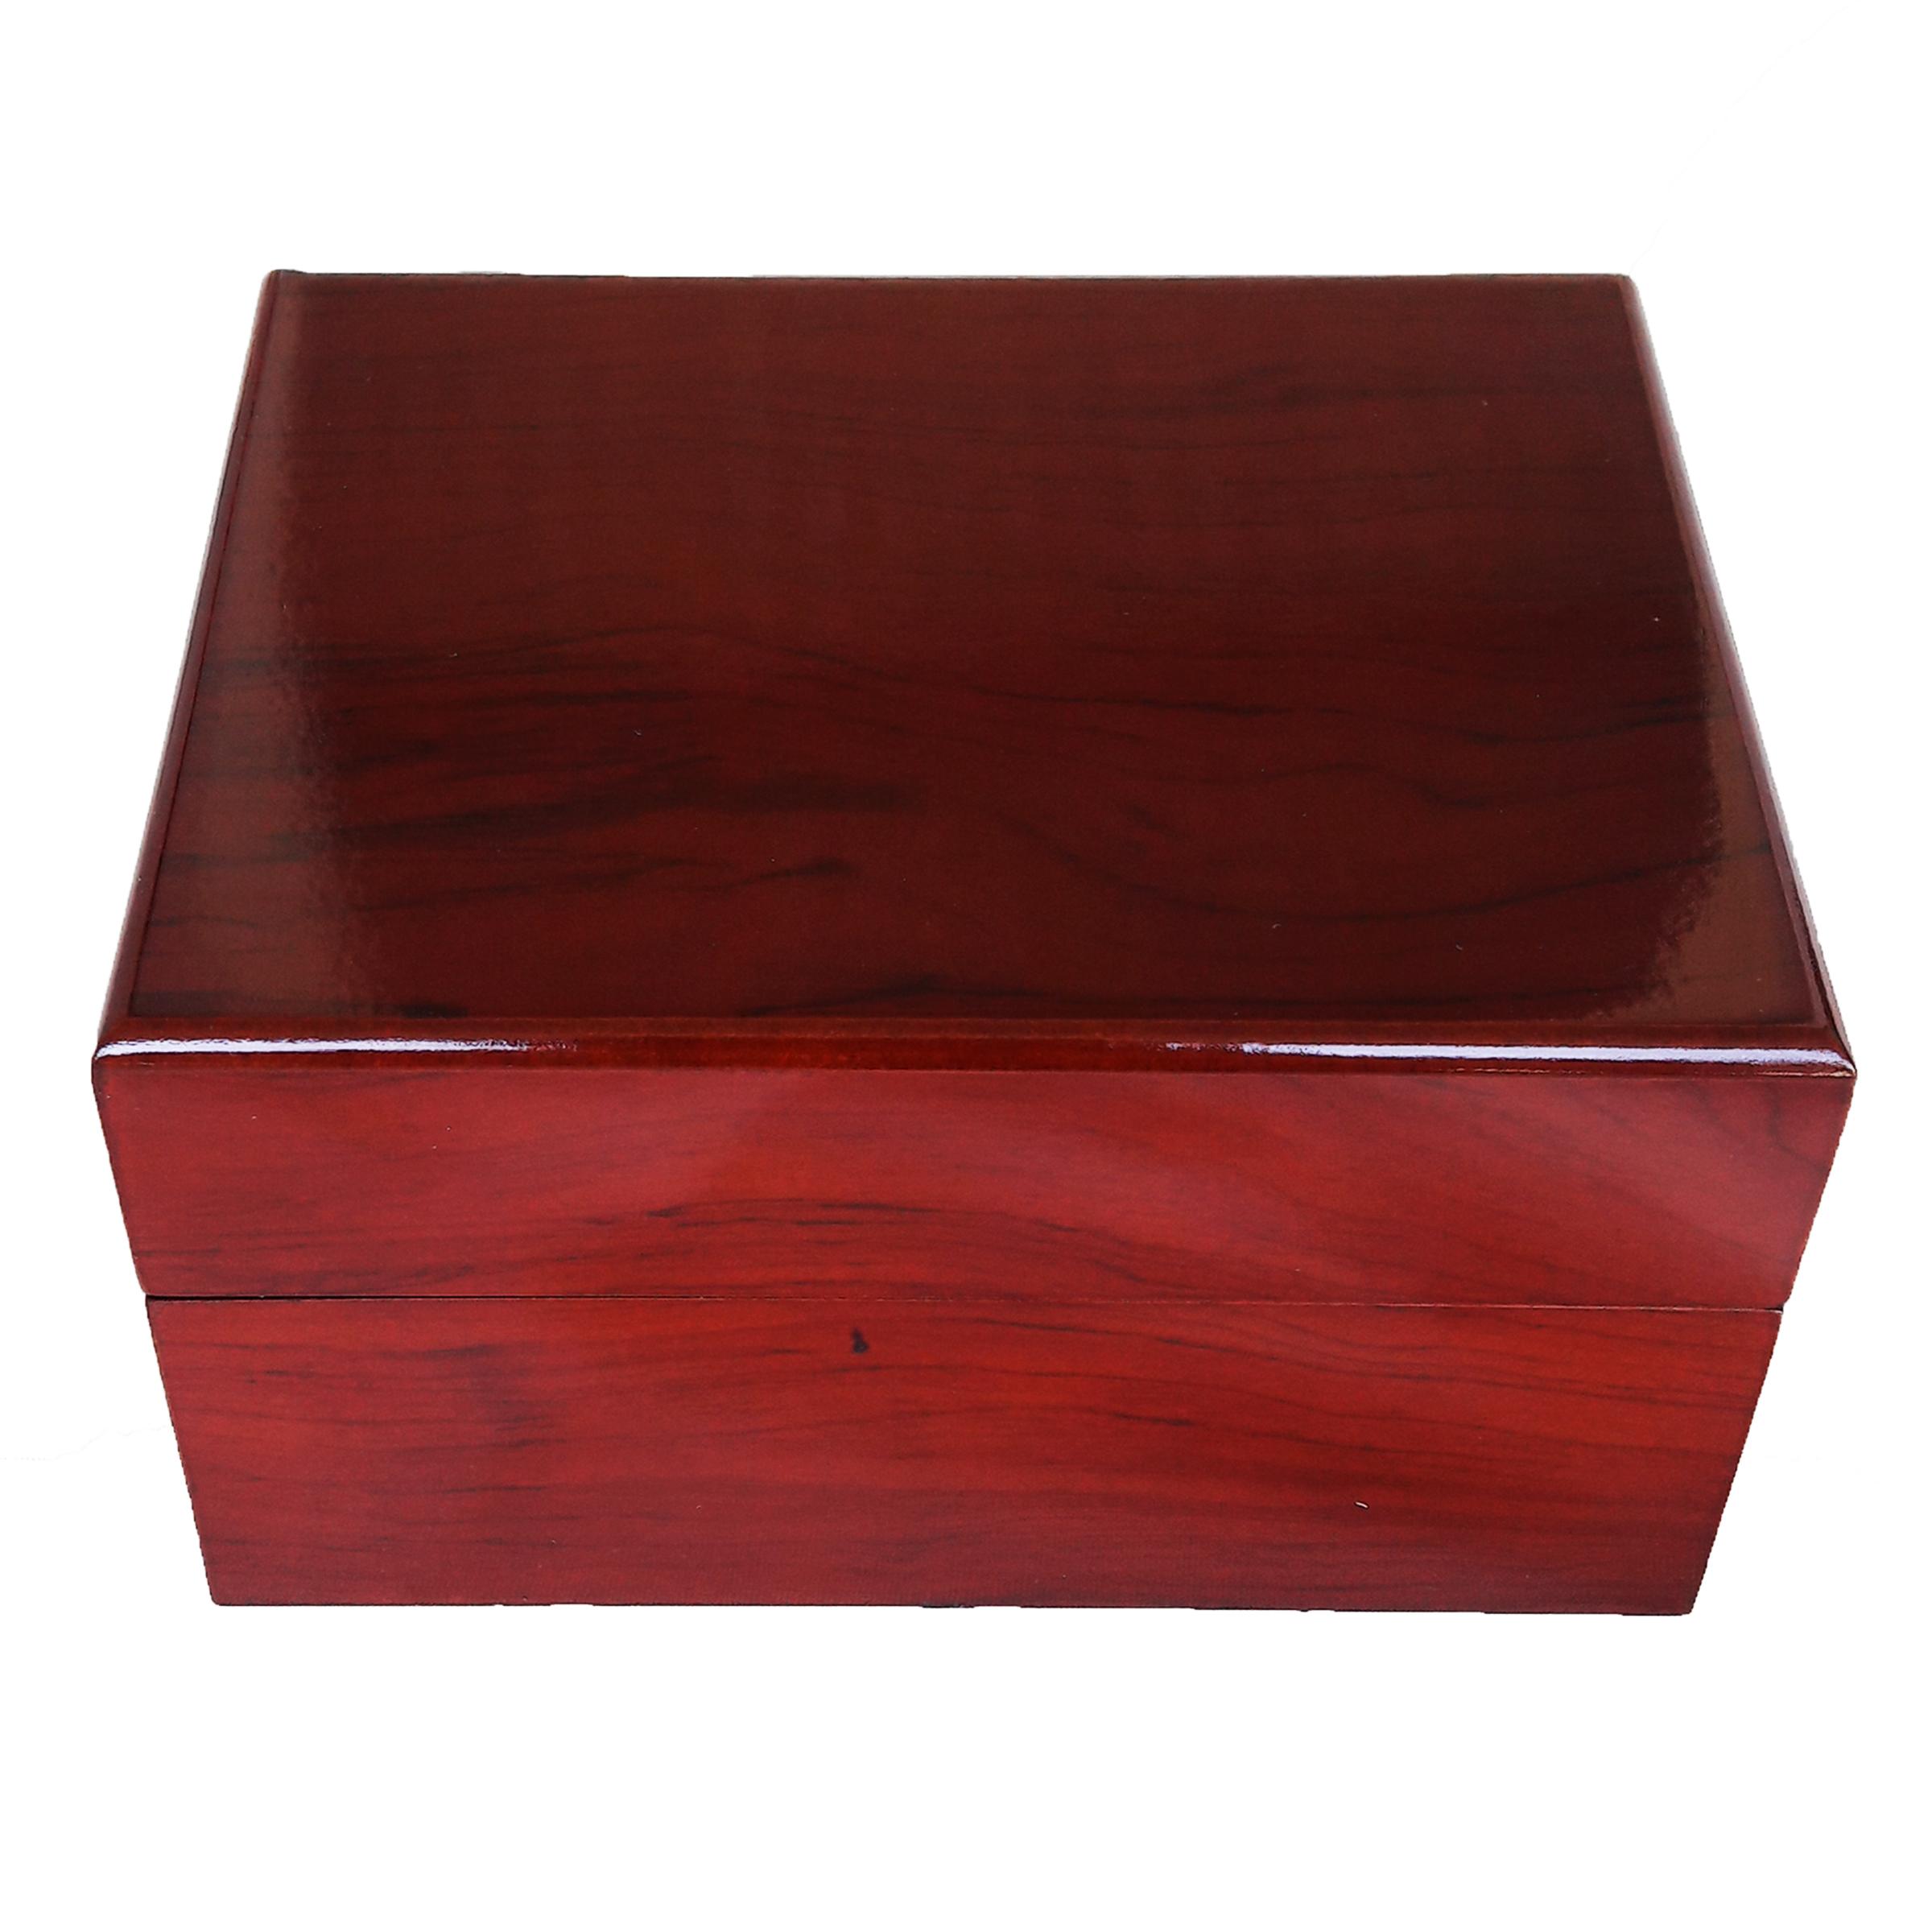 قیمت جعبه جواهرات مدل ۱۵۷